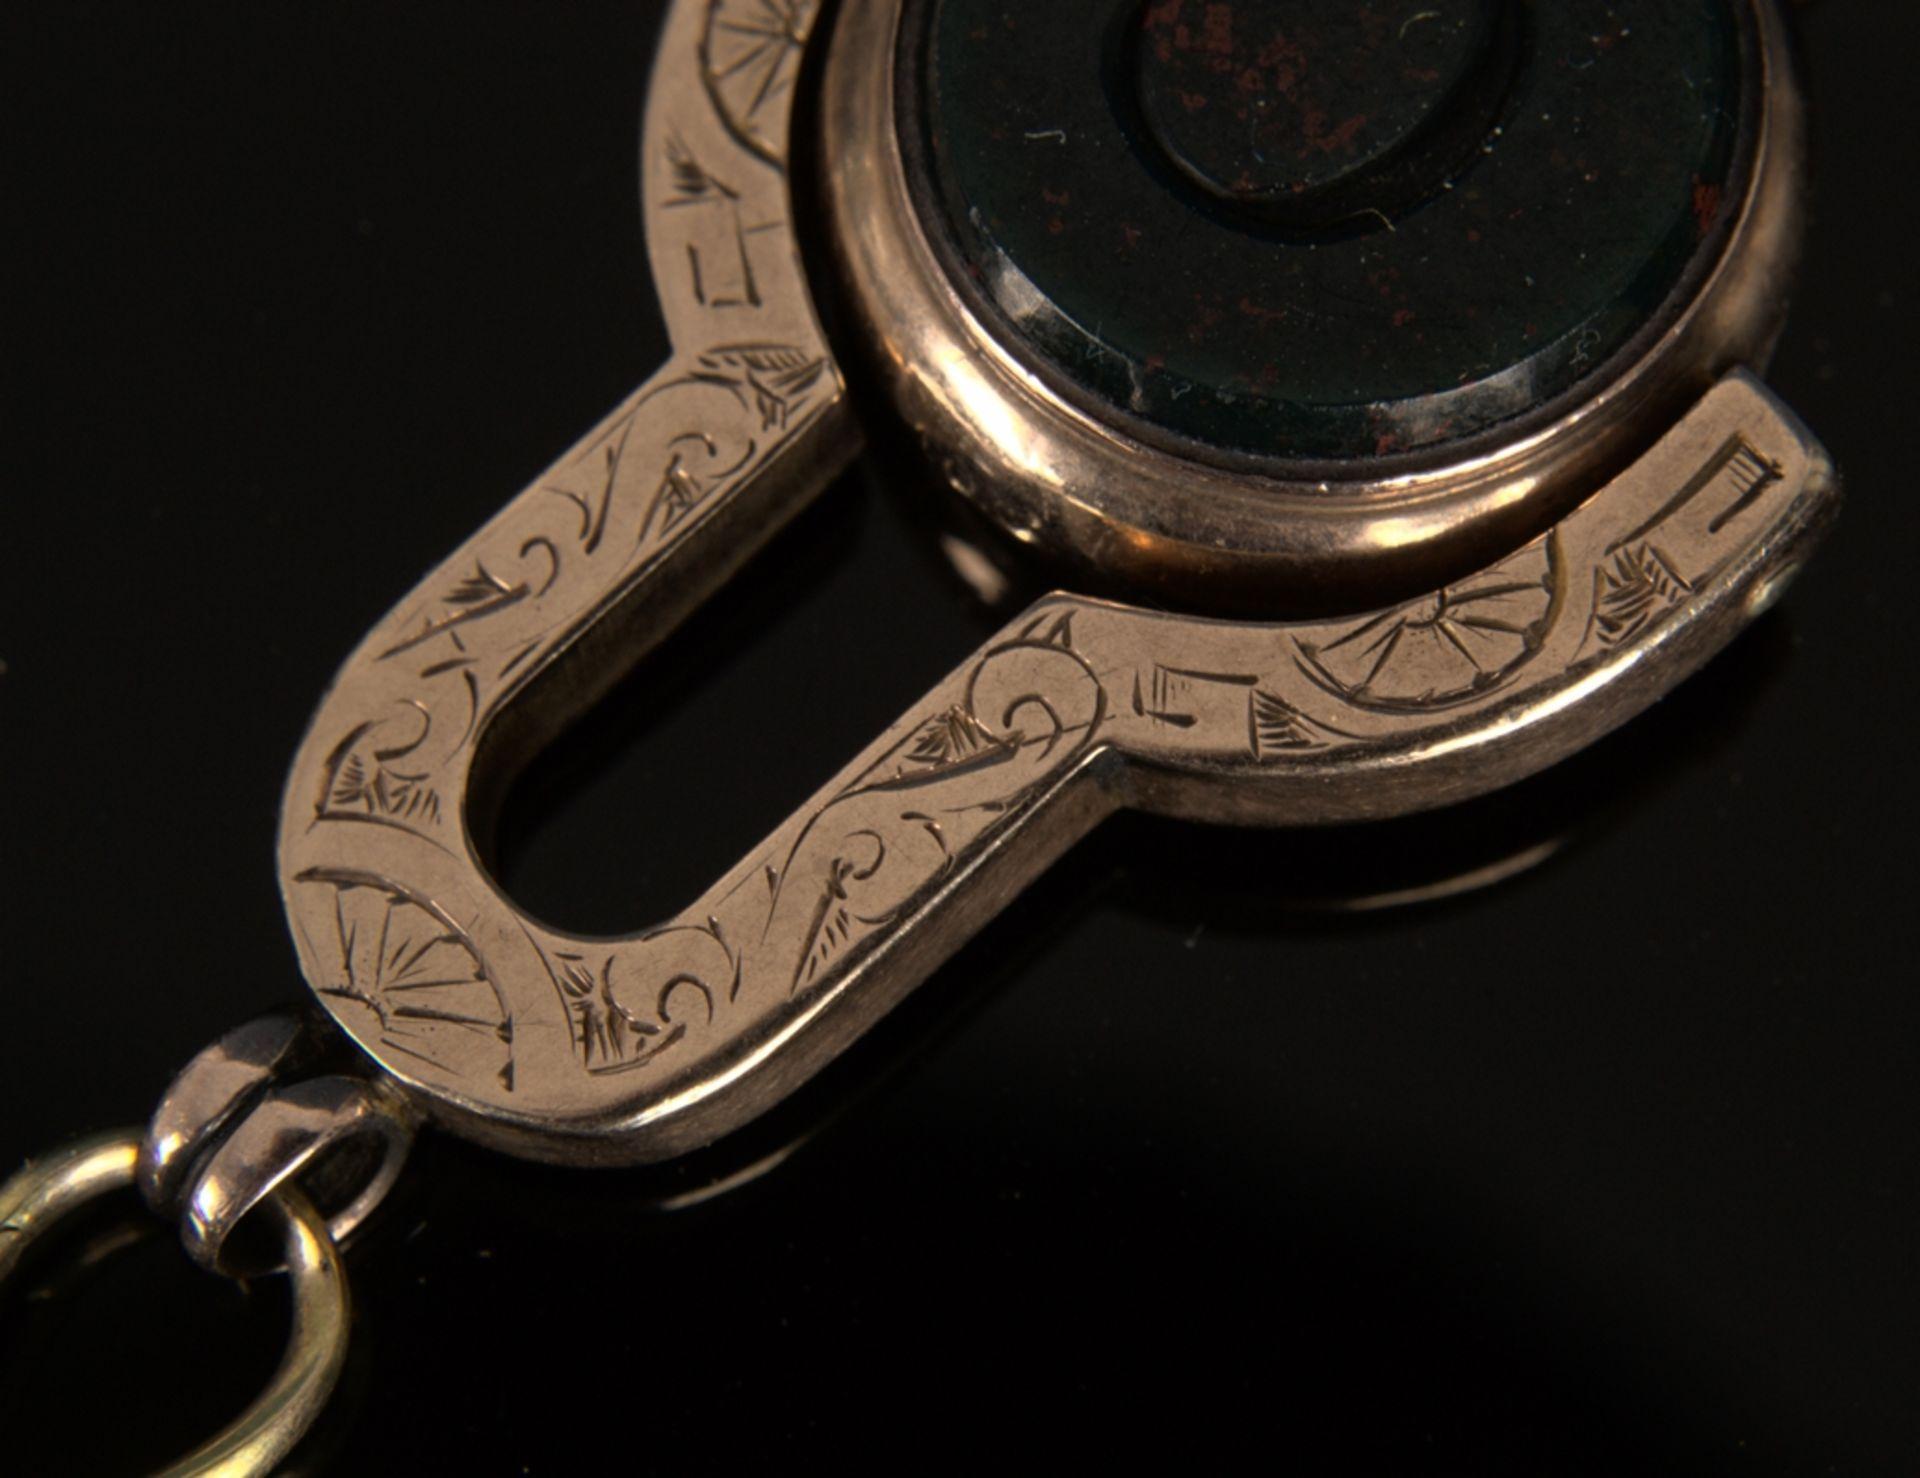 9teilige Sammlung versch. Taschenuhrenschlüssel, überwiegend 19. Jhd. Versch. Alter, Größen, - Bild 14 aus 18